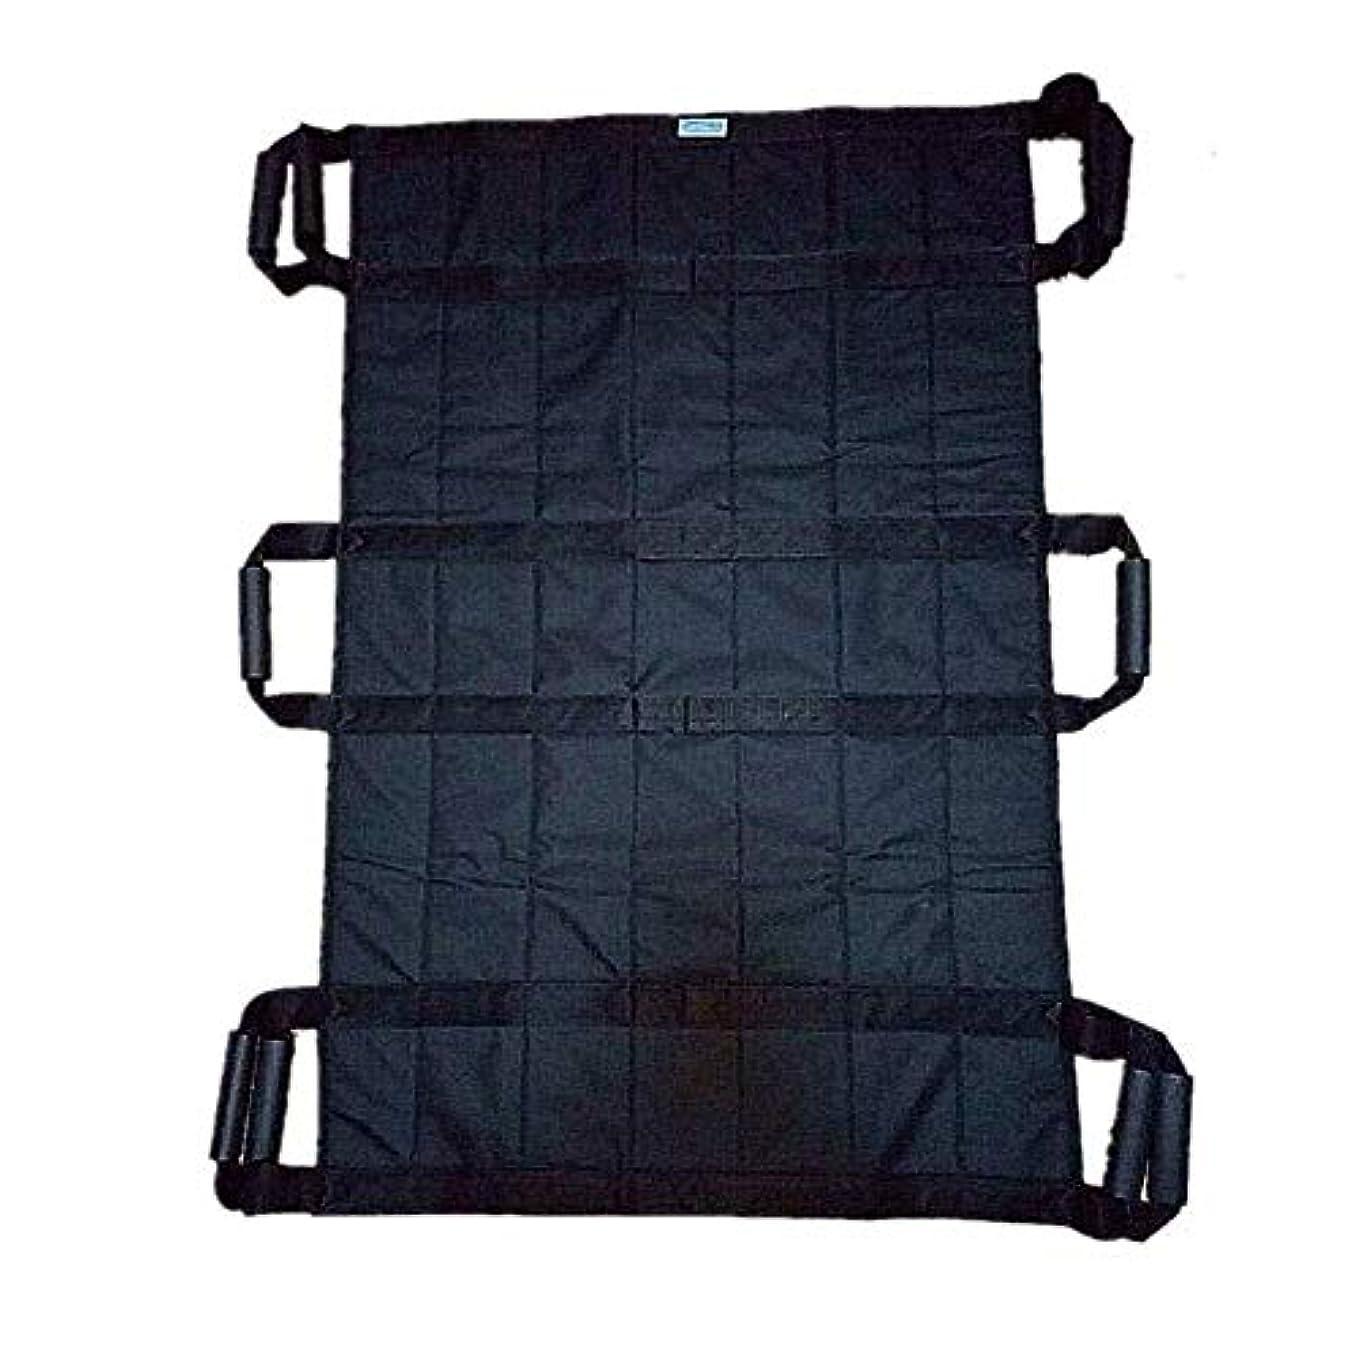 二十撃退するかもめトランスファーボードスライドベルト-患者リフトベッド支援デバイス-患者輸送リフトスリング-位置決めベッドパッド